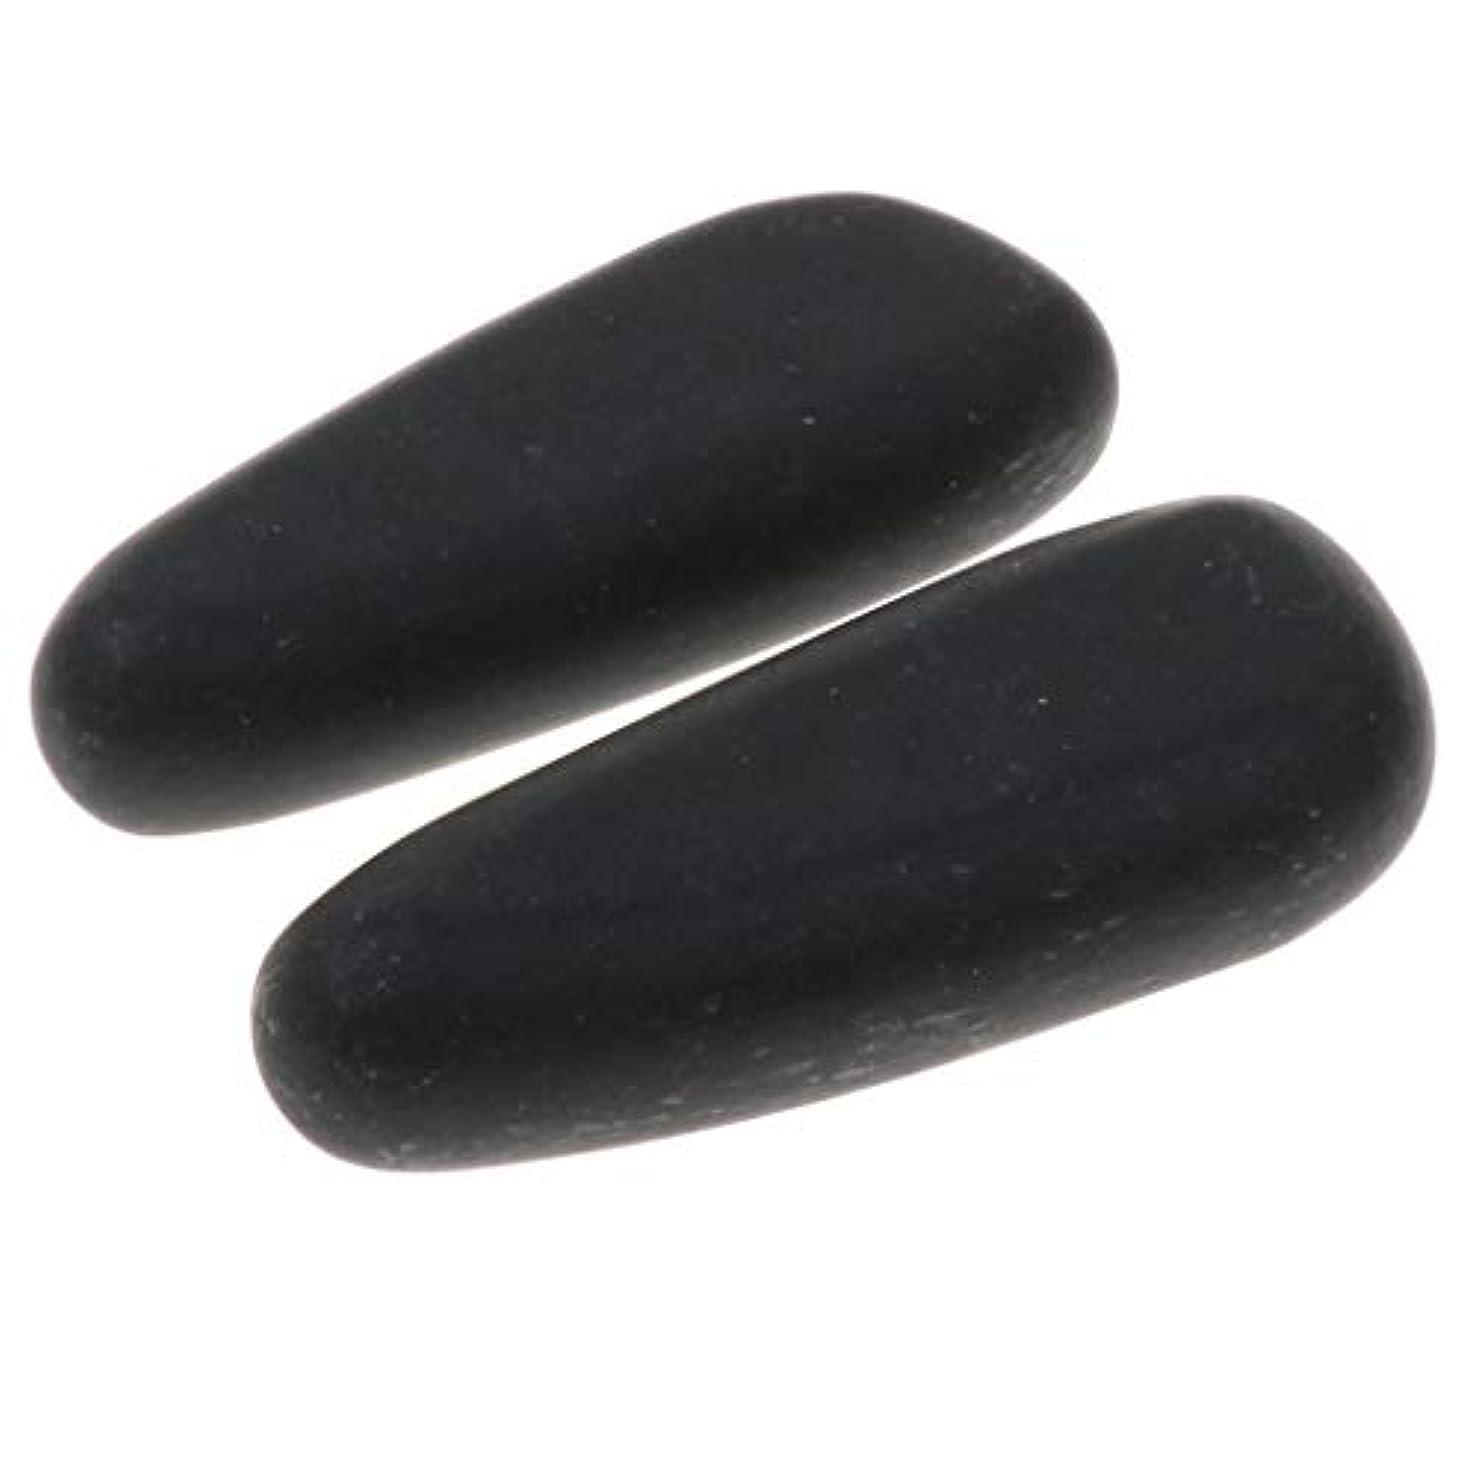 アンソロジーましい一般gazechimp ホットストーン マッサージ石 マッサージストーン 玄武岩 ボディマッサージ 2個 全2サイズ - 8×3.2×2cm